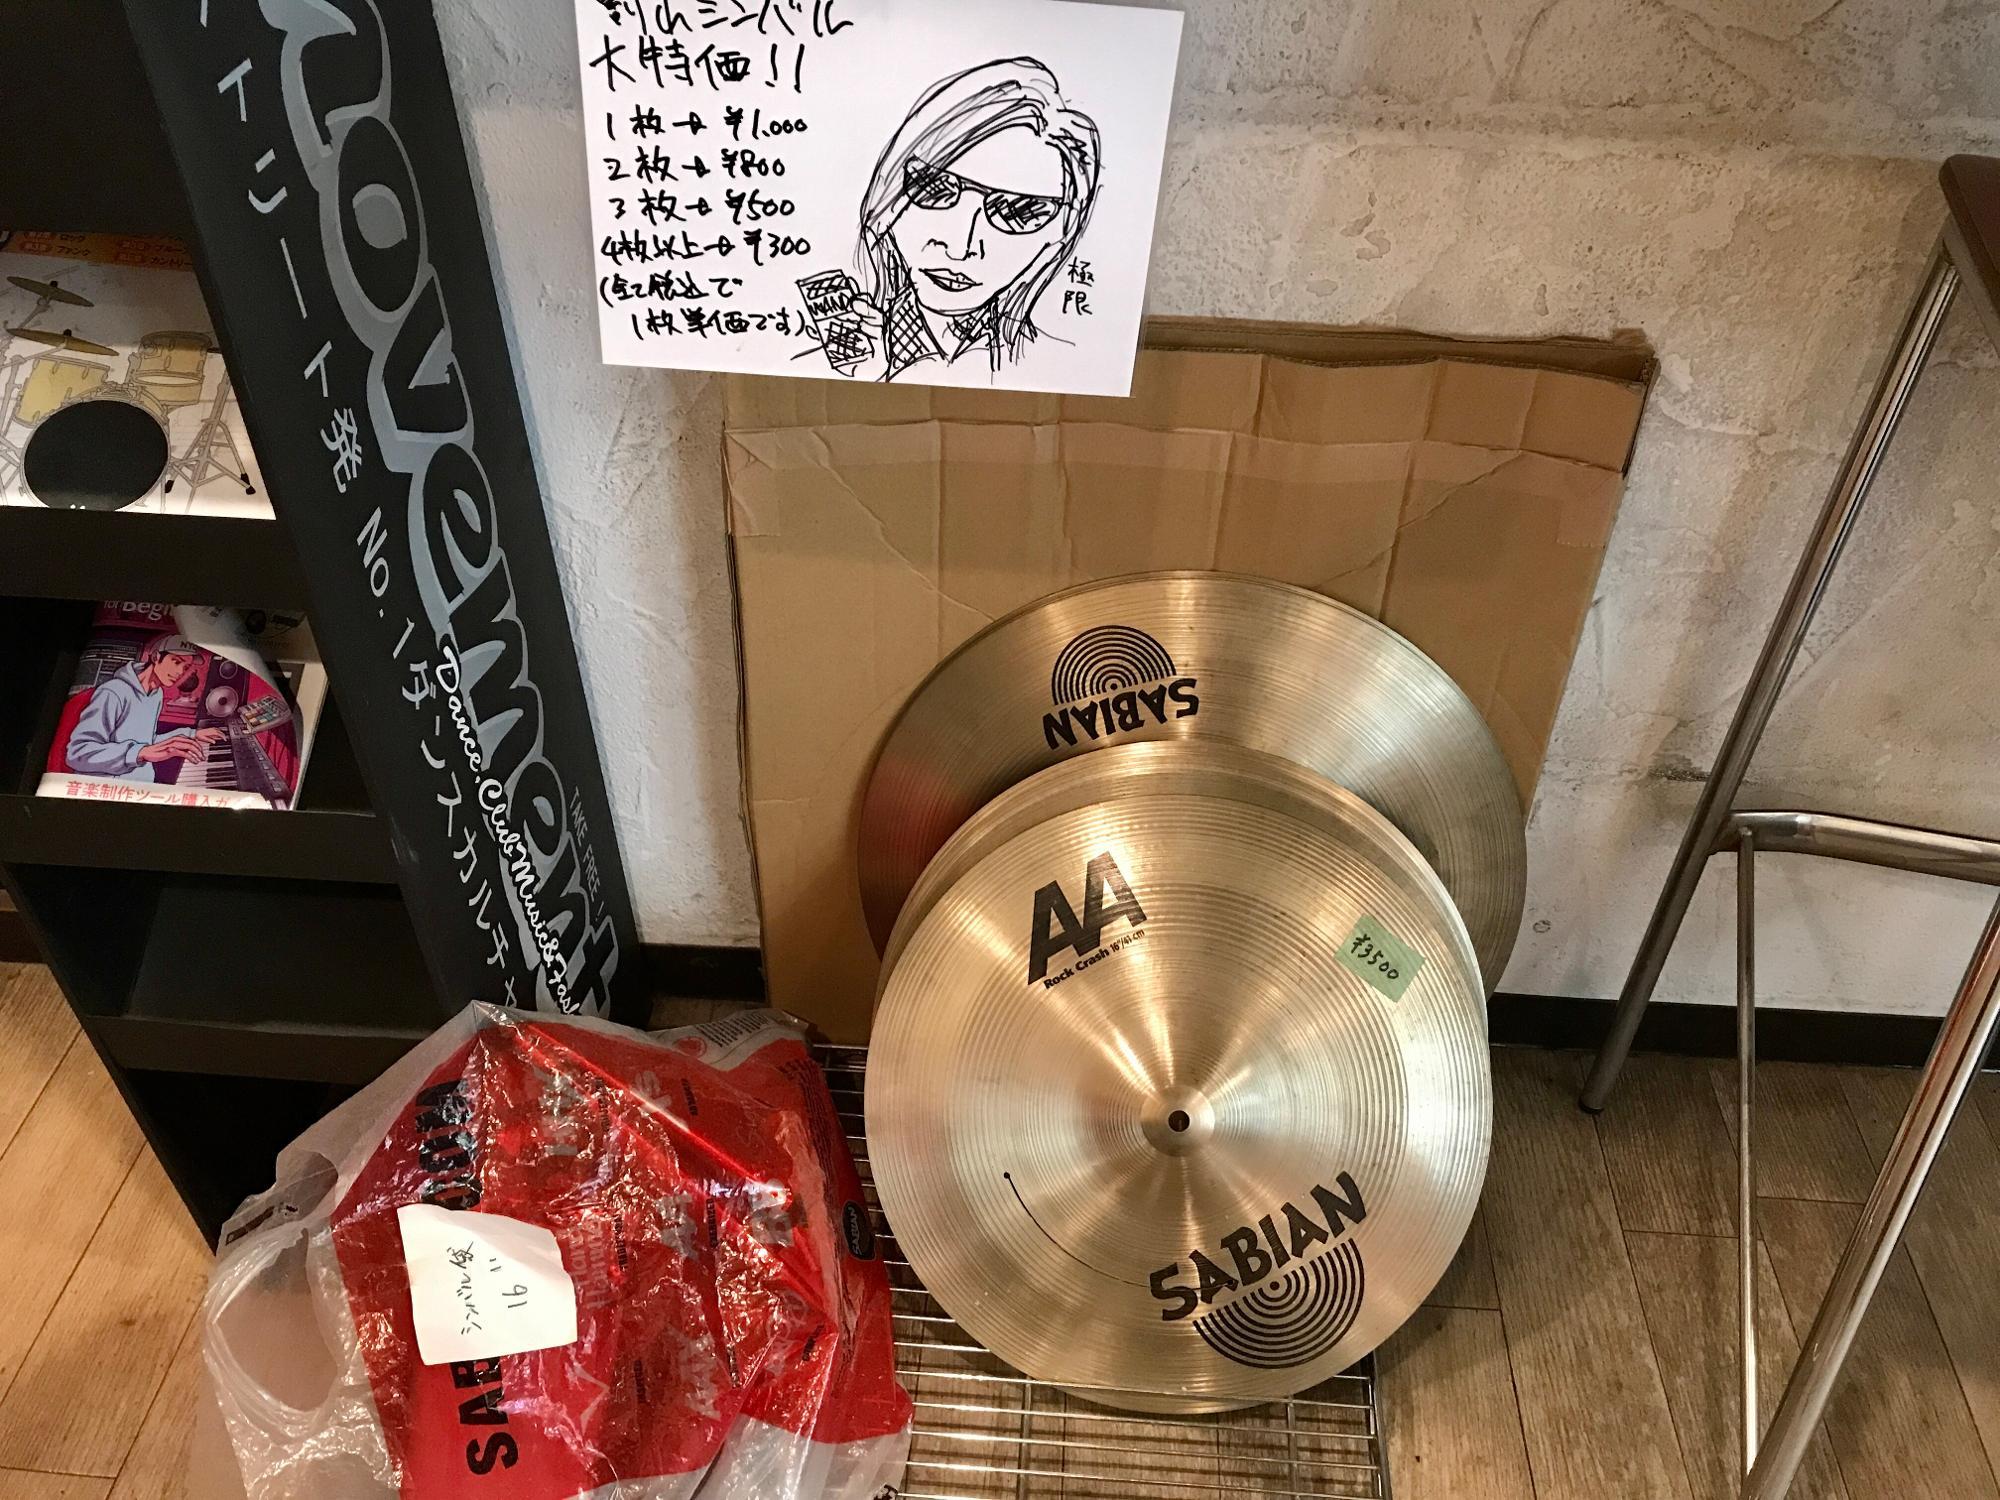 シンバルも販売中でした。YOSHIKI ーーー!